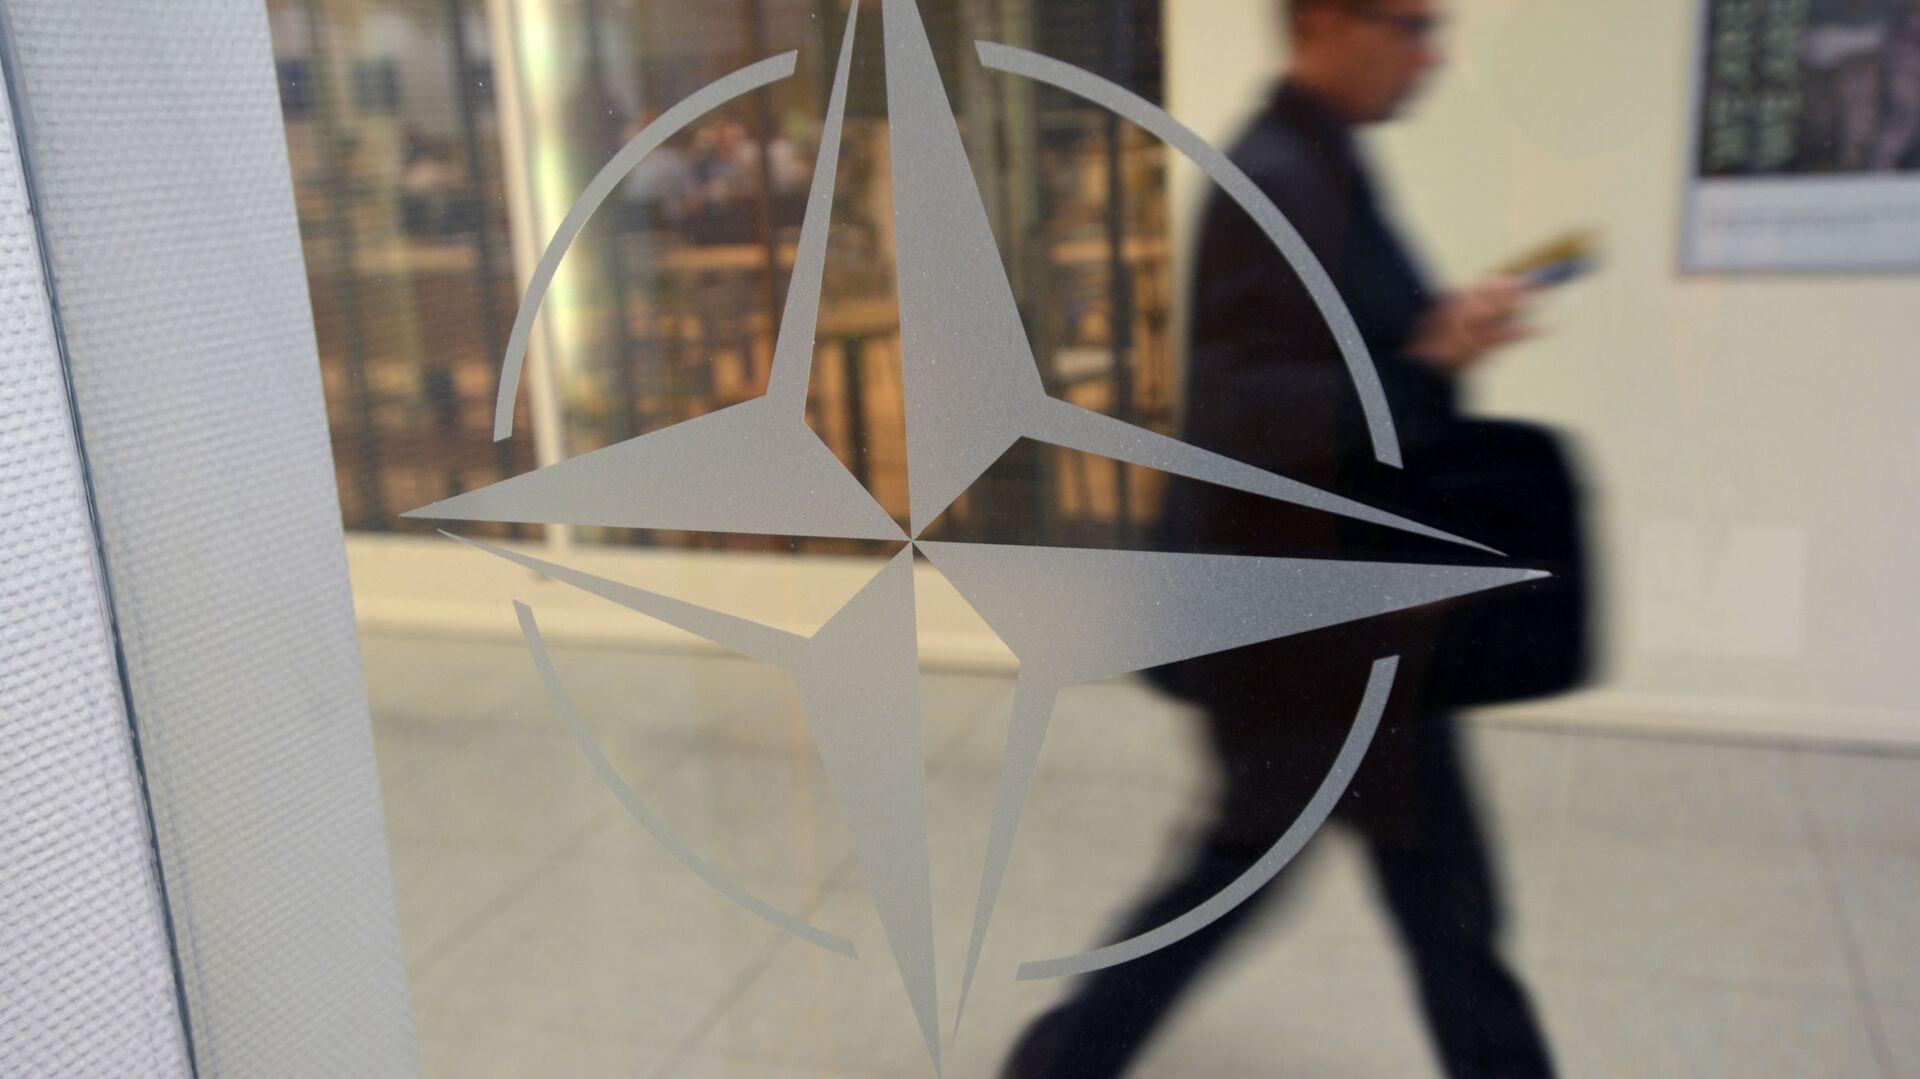 Godło organizacji w siedzibie głównej NATO w Brukseli, Belgia - Sputnik Polska, 1920, 13.06.2021